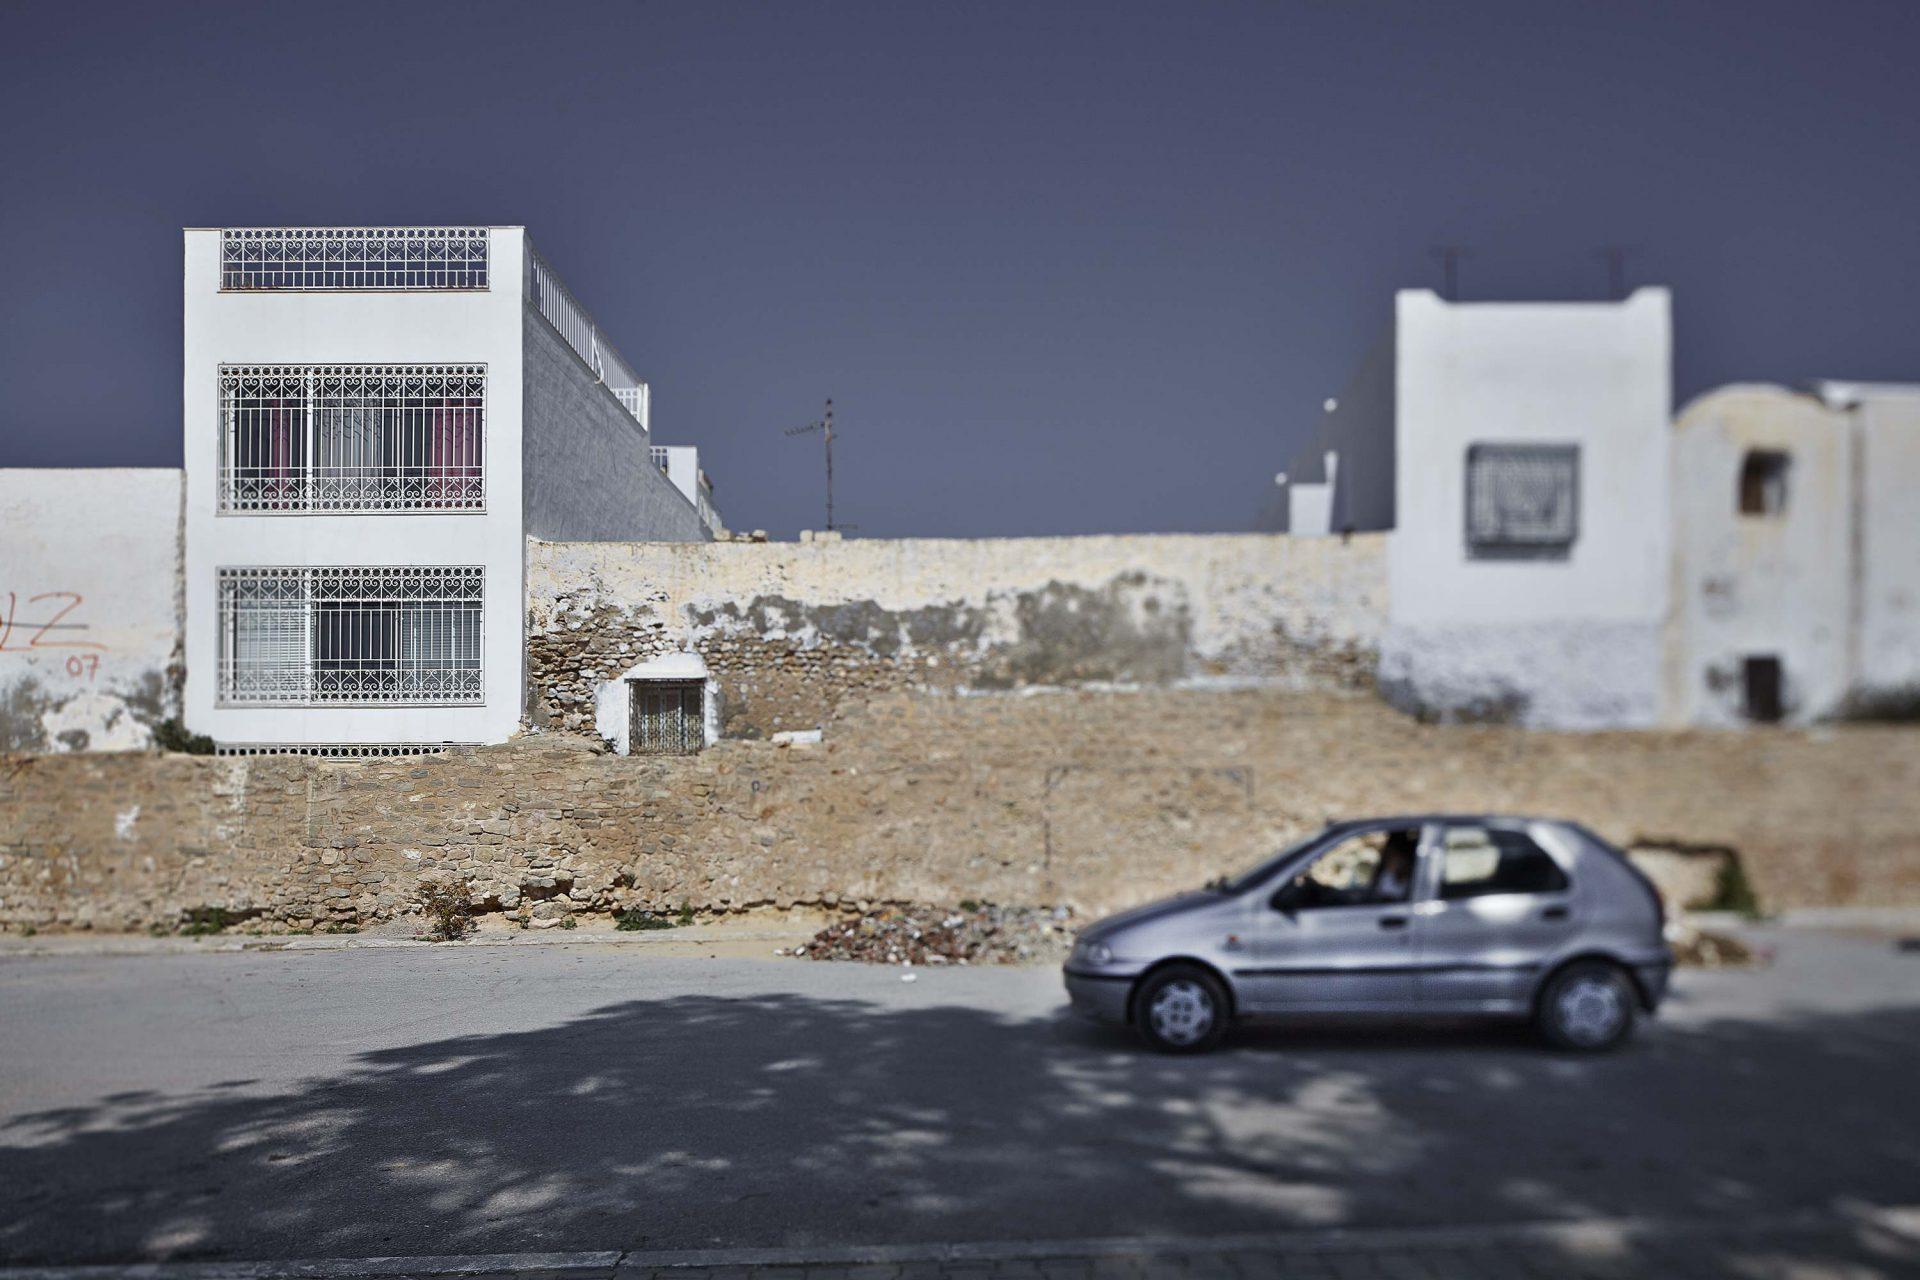 Tunis2014-01-0447-01